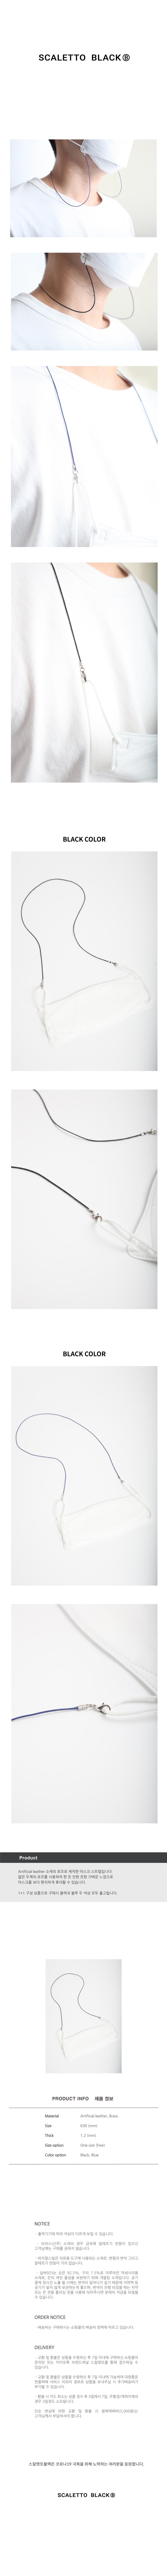 스칼렛또블랙(SCALETTOBLACK) [1+1] SCB073 Slim mask strap